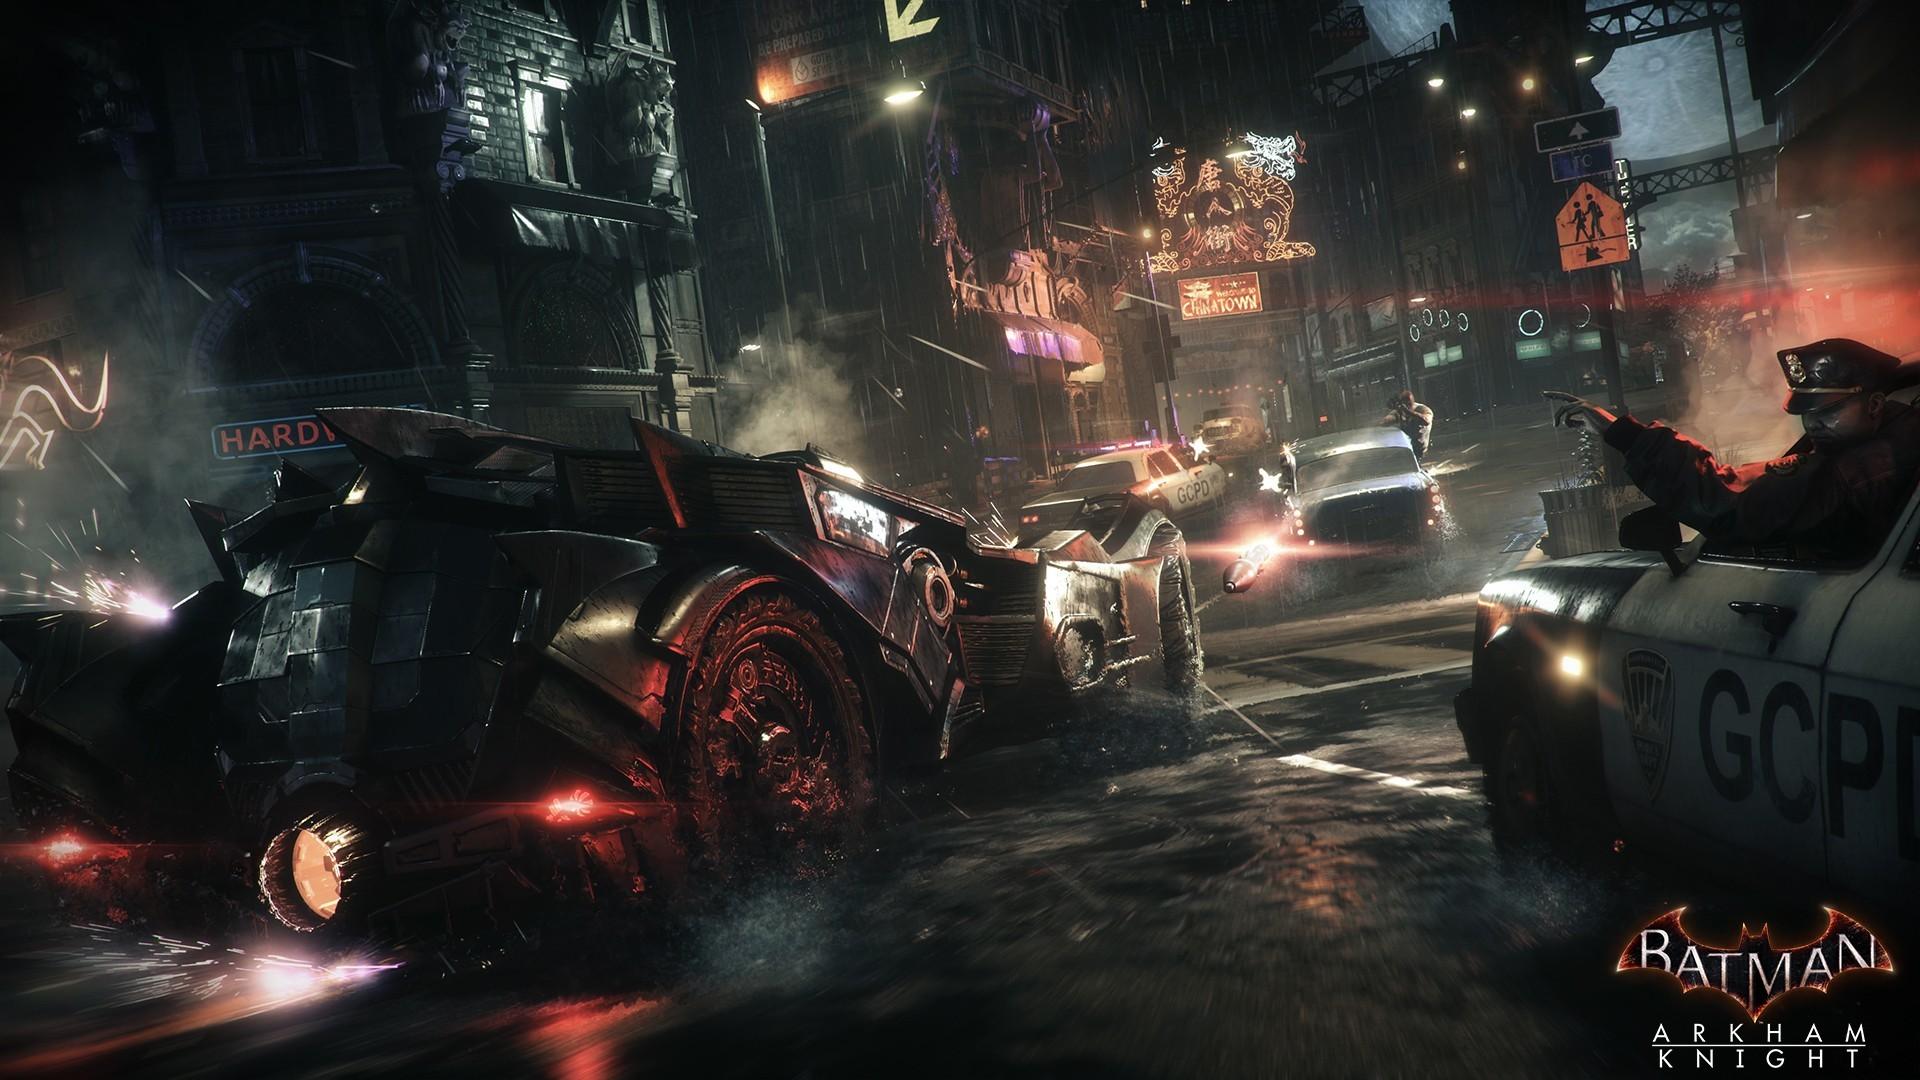 Batman Arkham Knight Police vs Villans Desktop Wallpaper Uploaded by The  Master Assassin